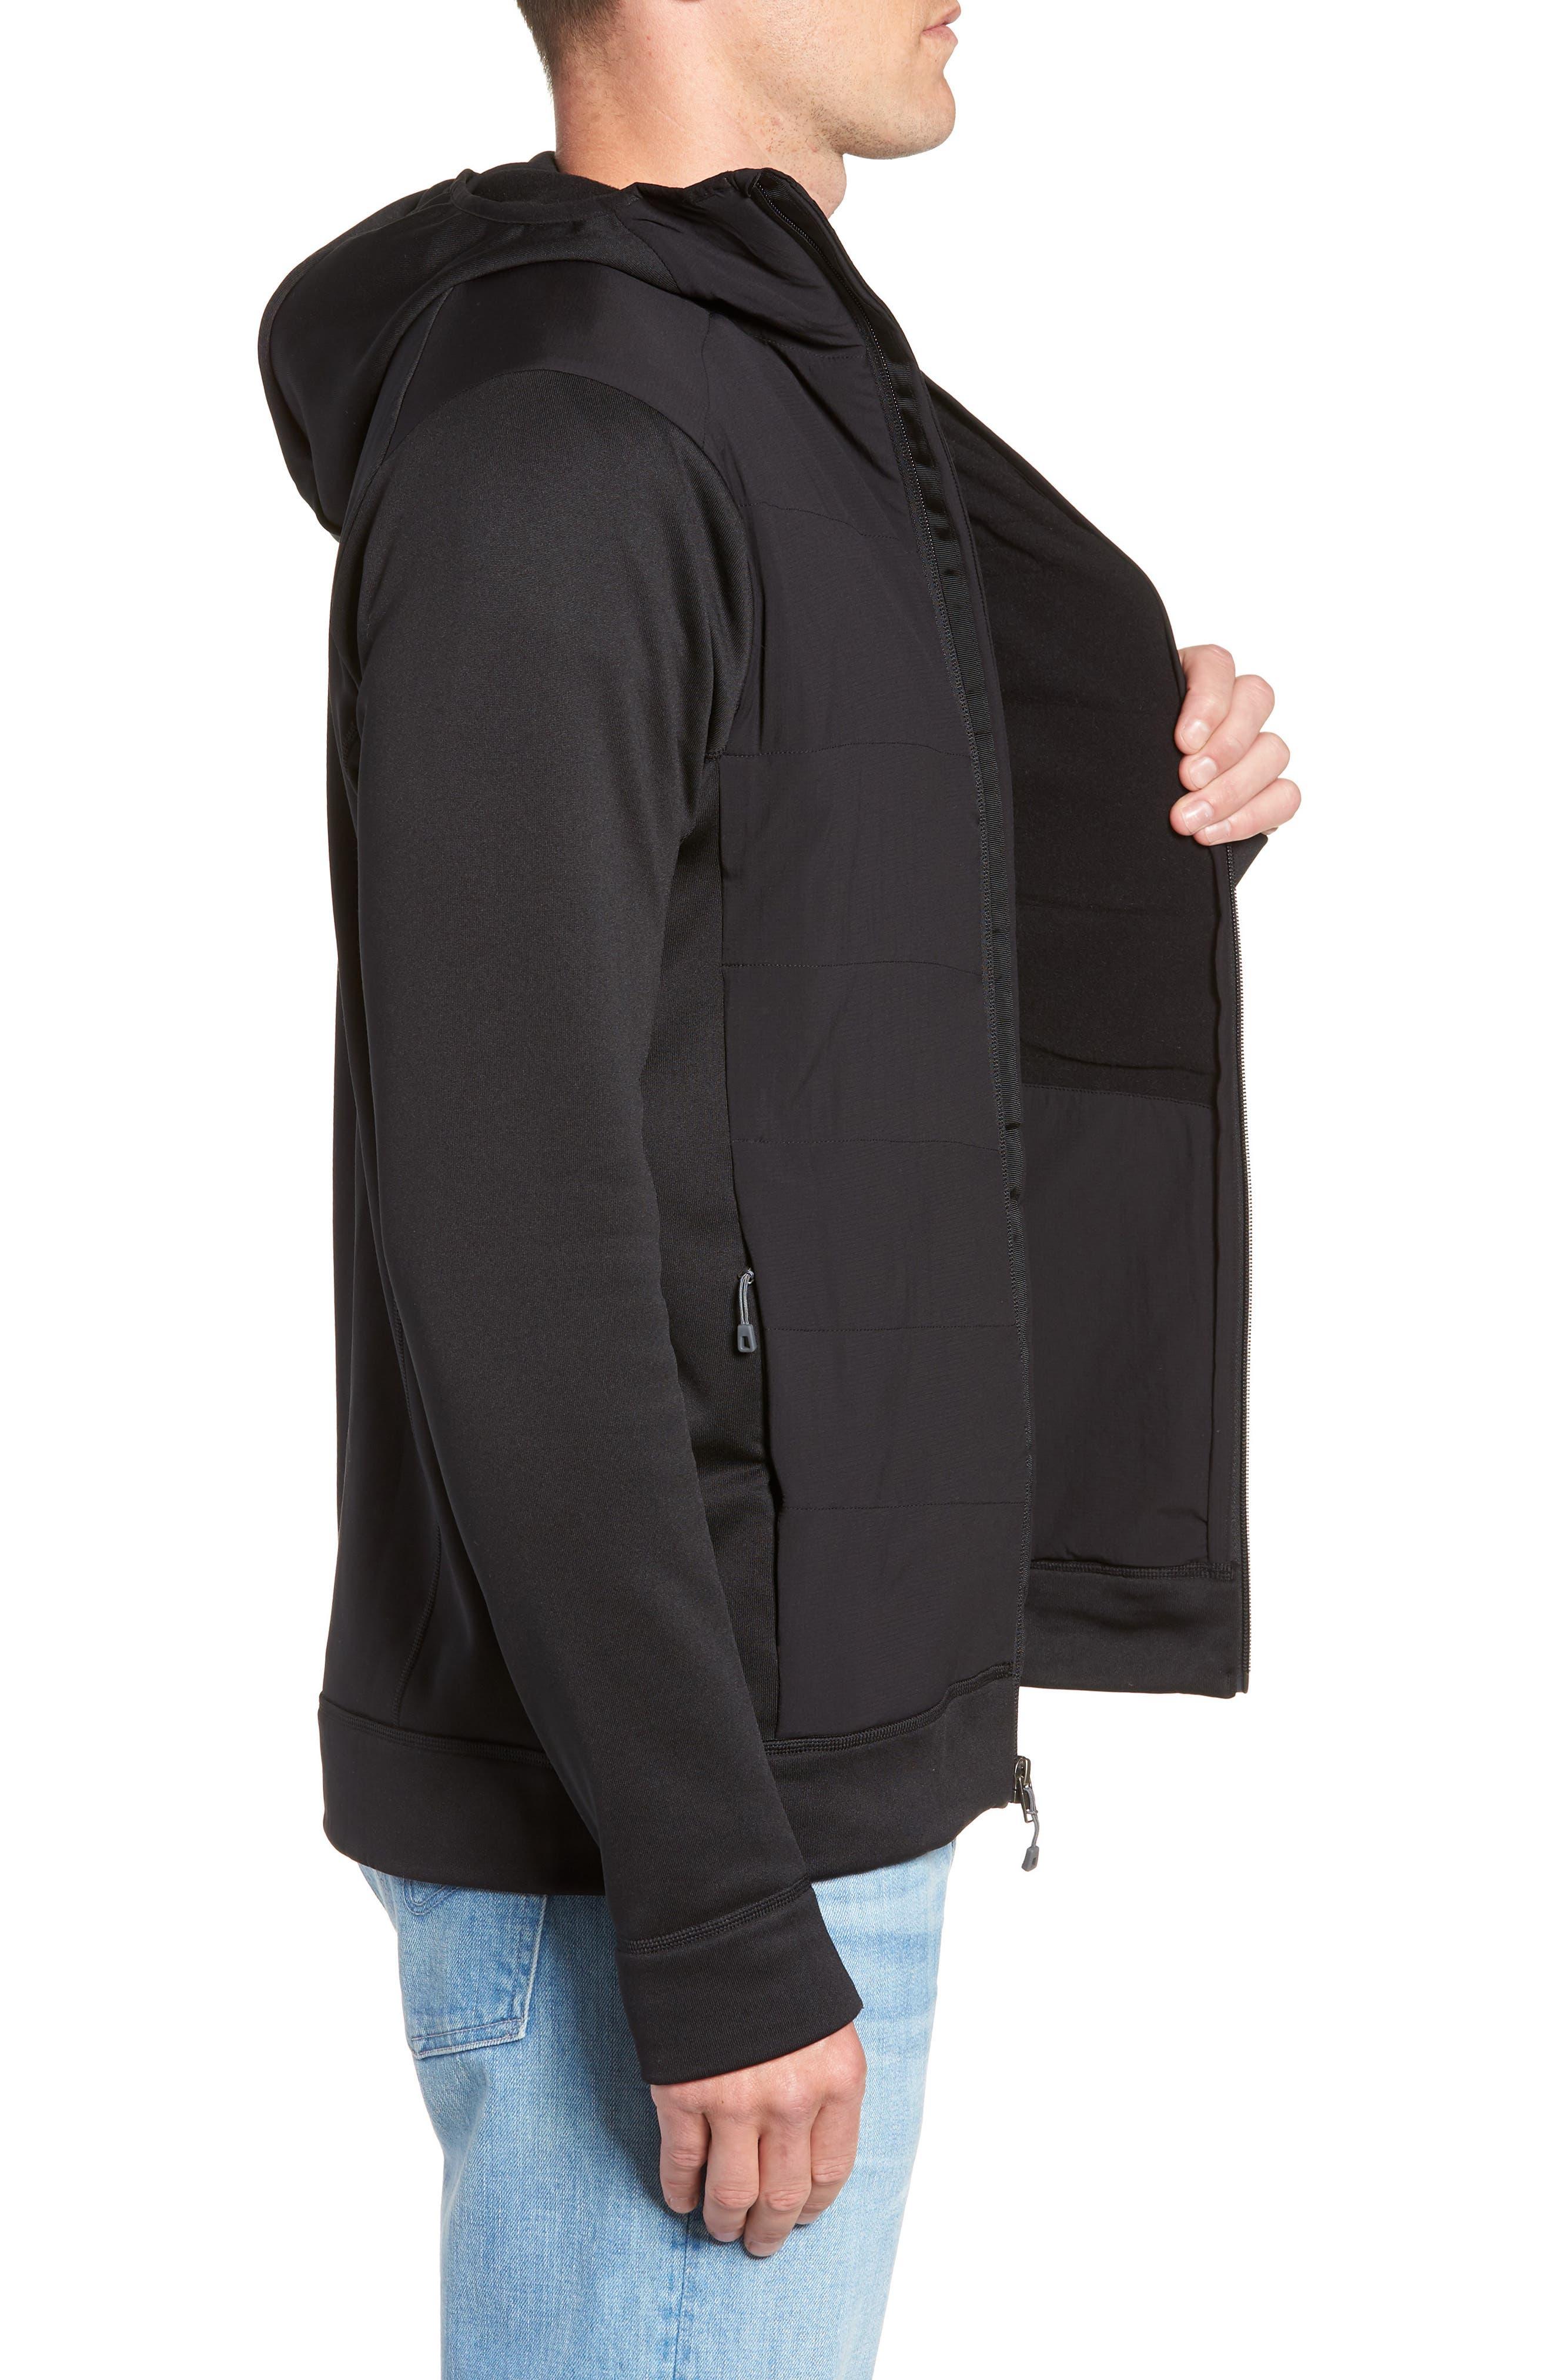 Crosstek Hybrid Hooded Jacket,                             Alternate thumbnail 3, color,                             BLACK